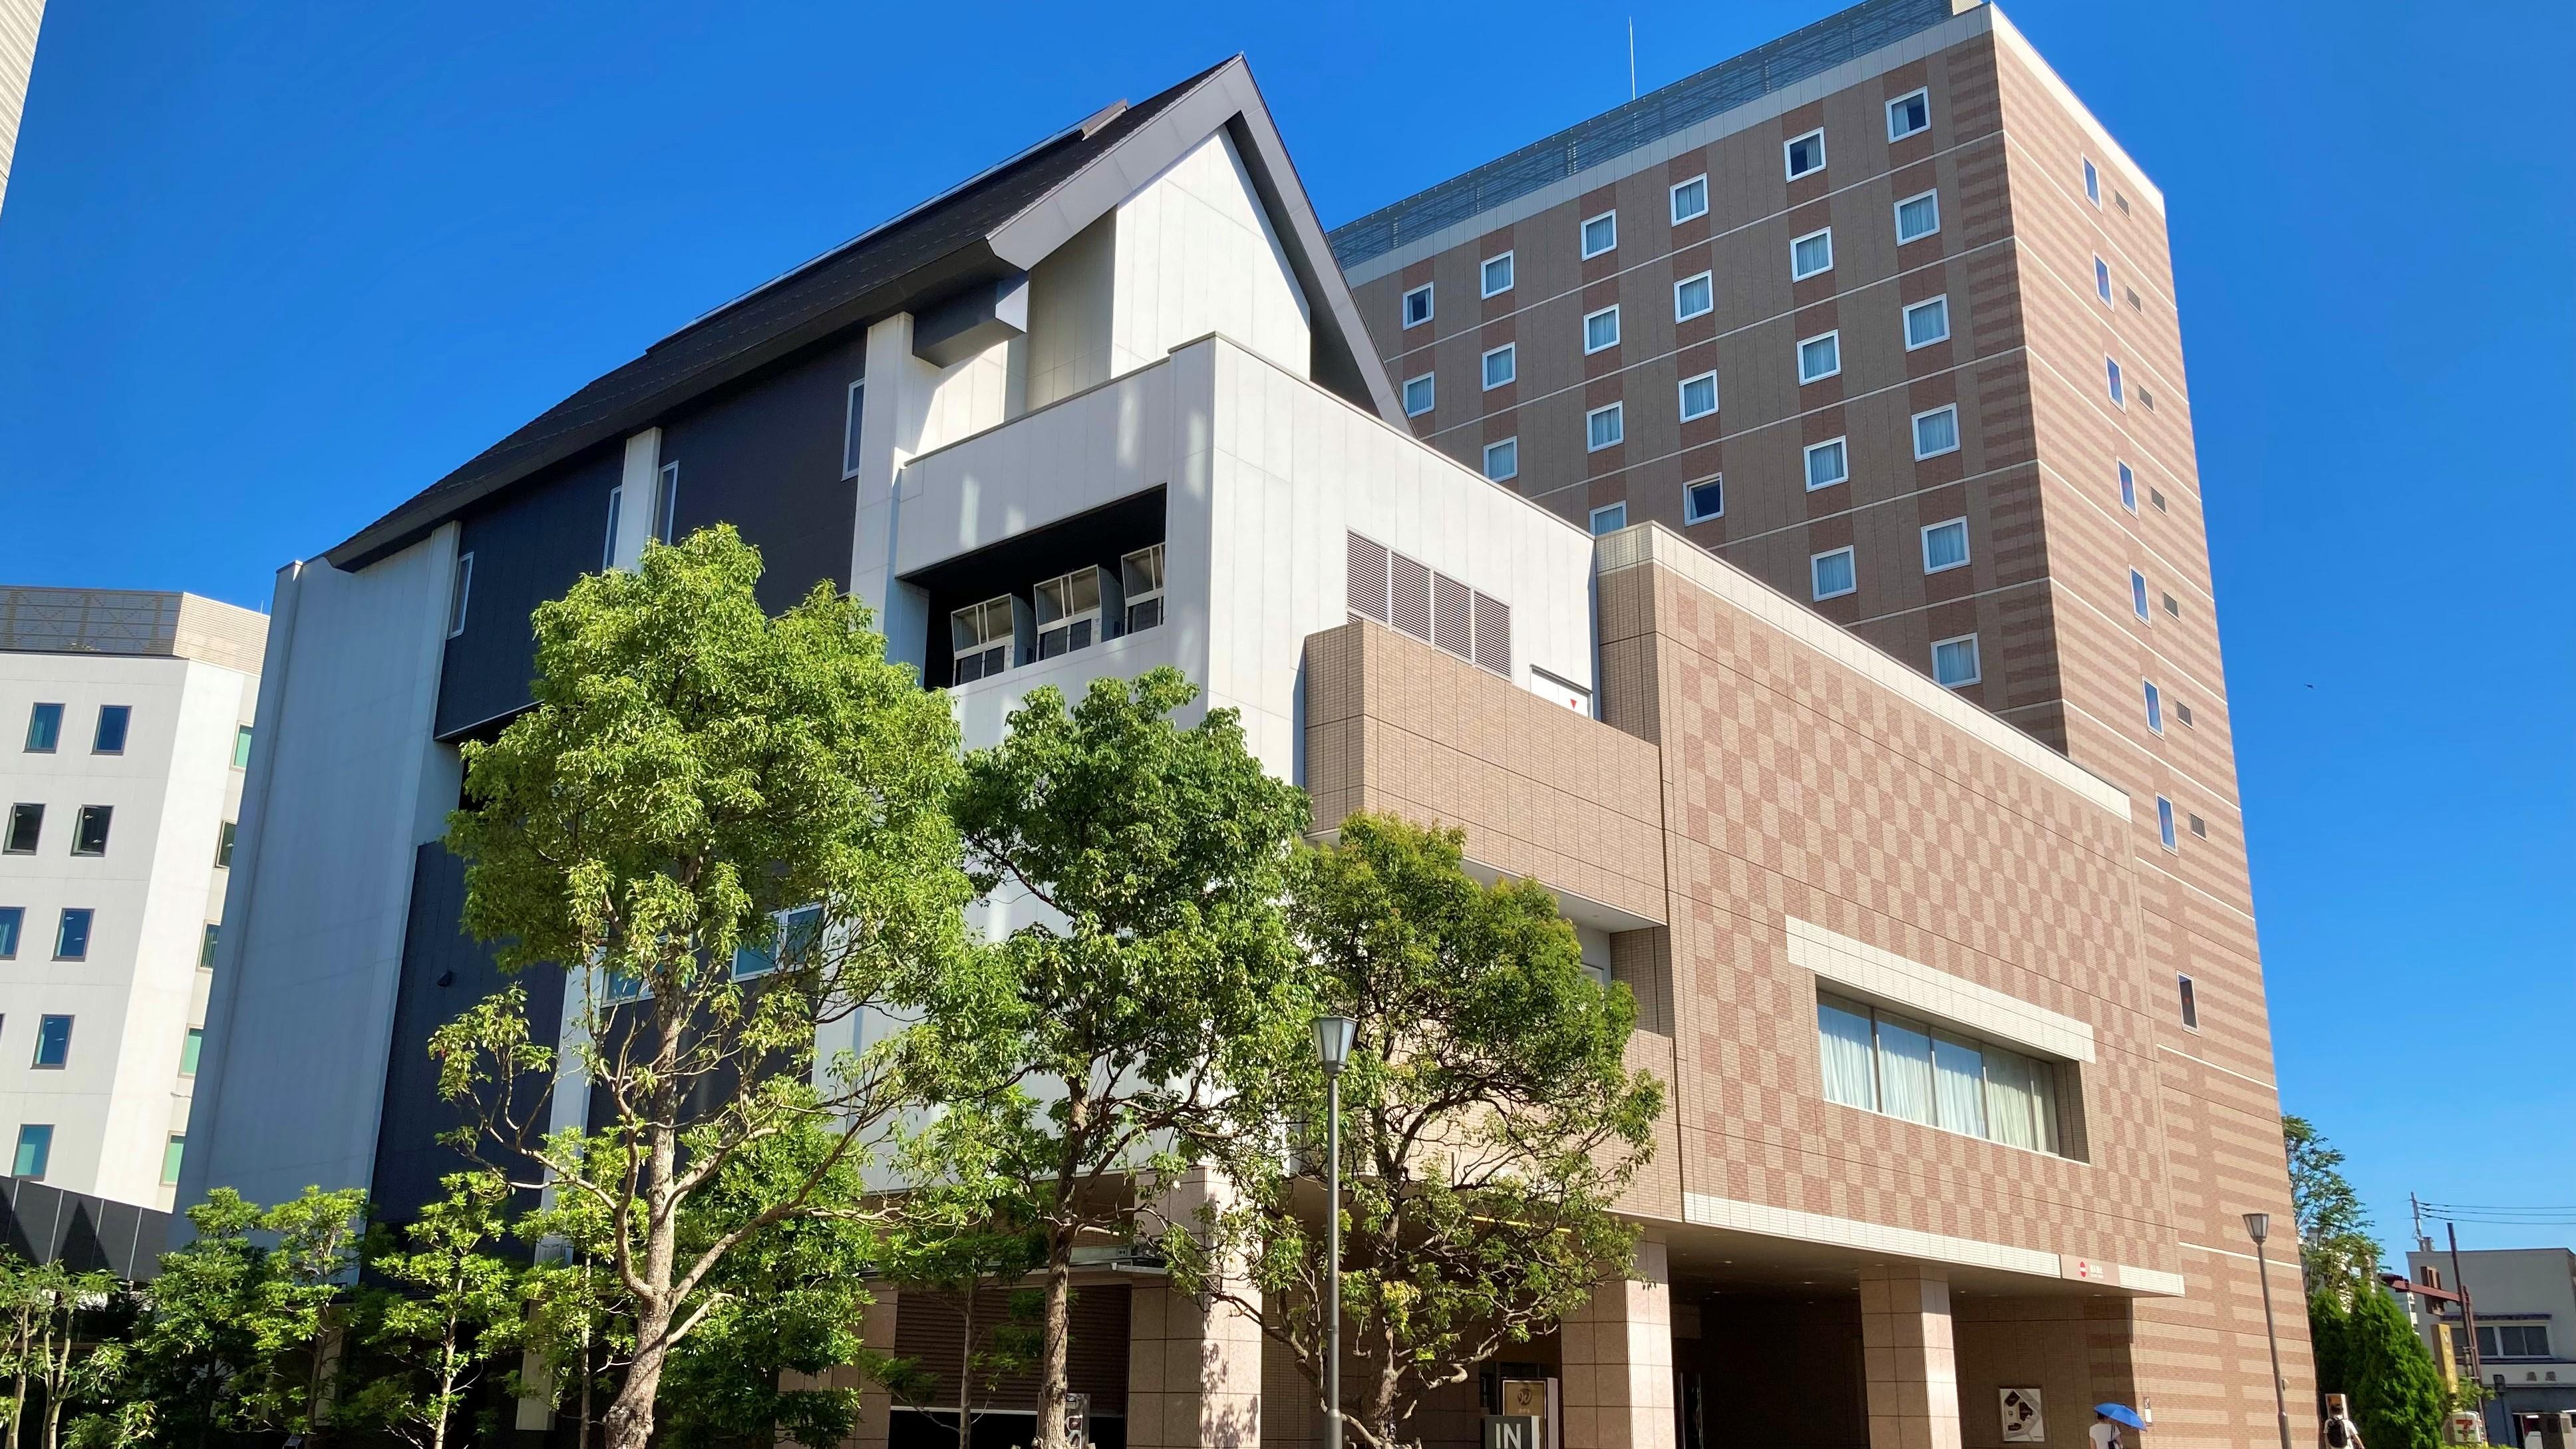 ホテル・ザ・ウエストヒルズ・水戸(リッチモンドホテルズ提携ホテル)